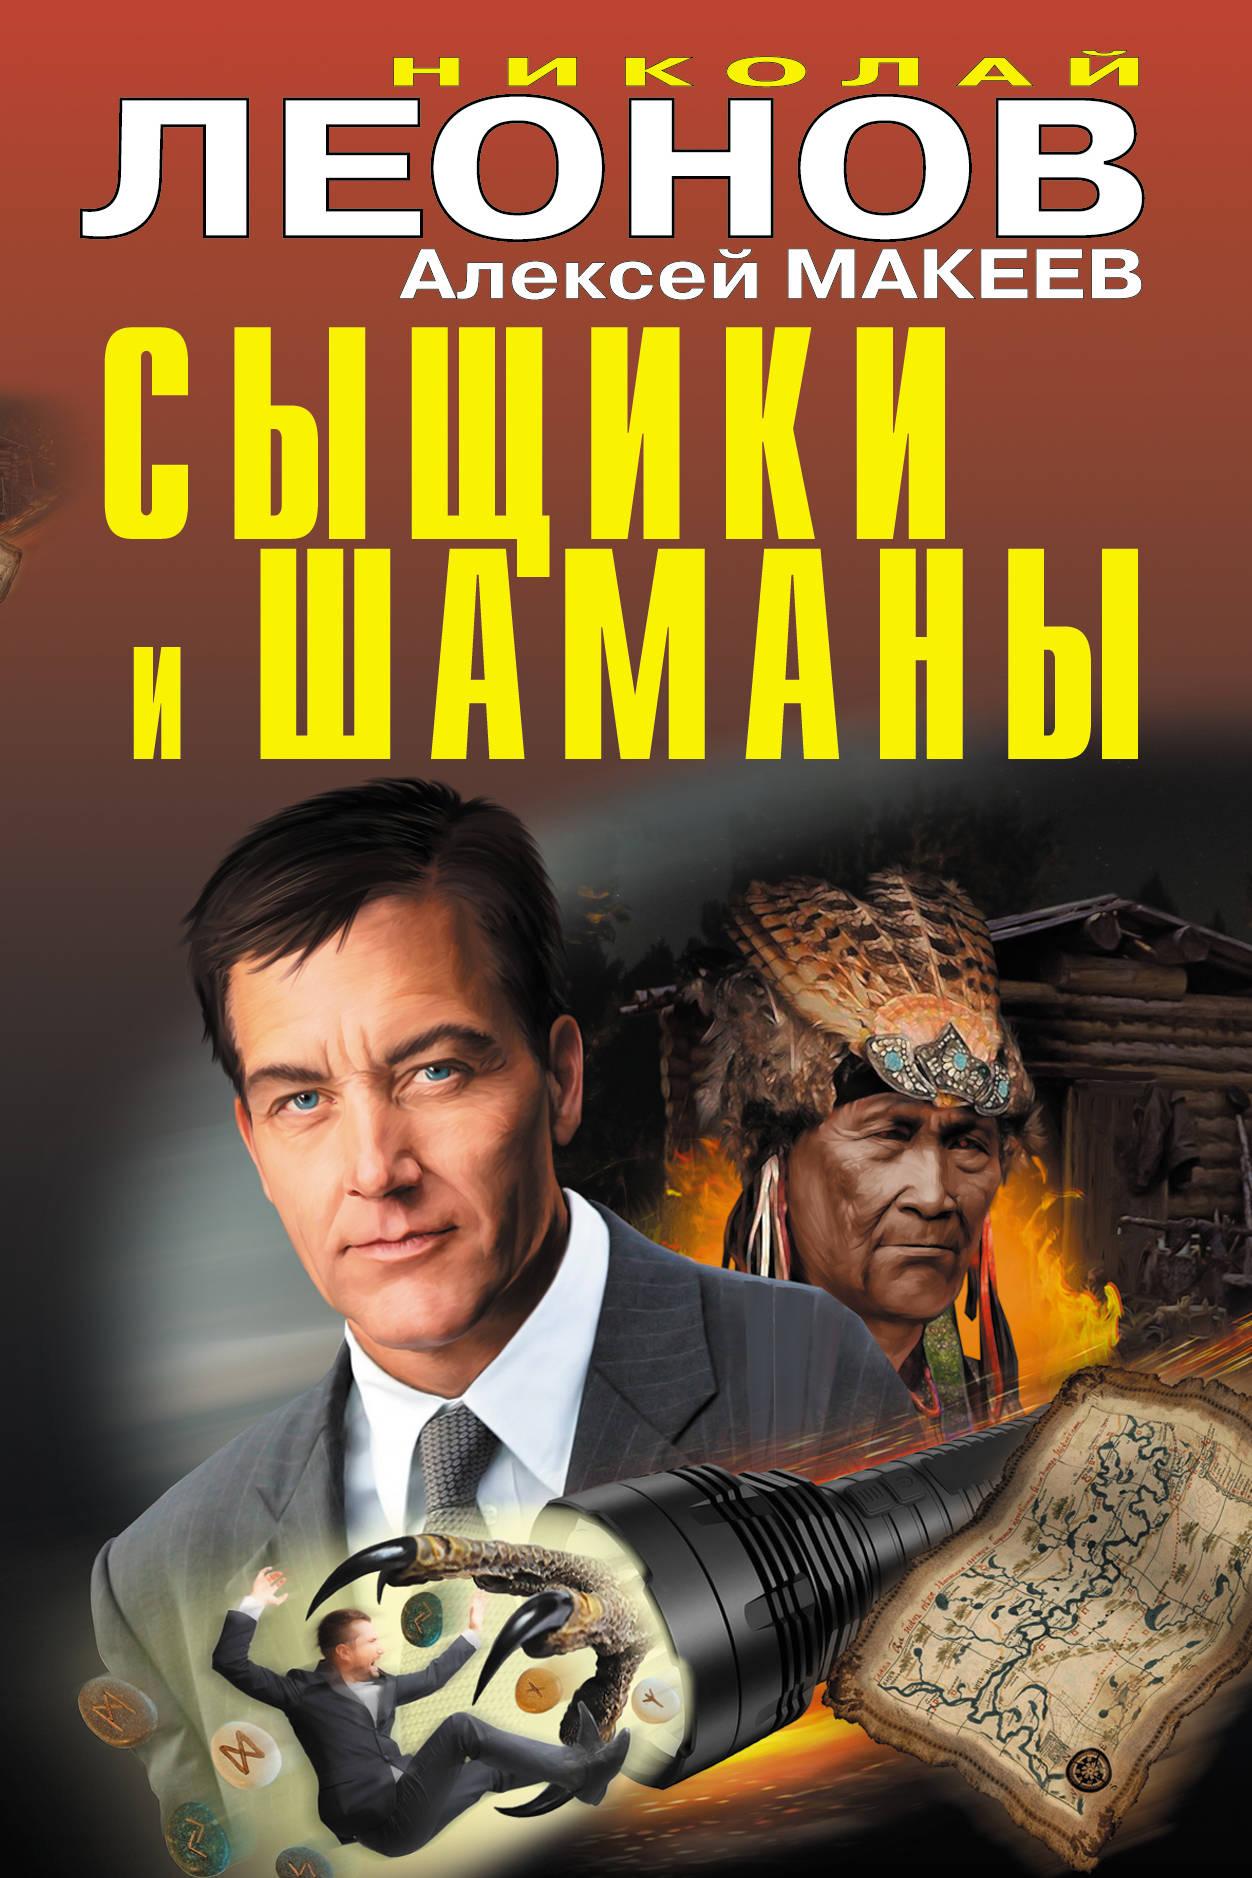 Николай Леонов, Алексей Макеев Сыщики и шаманы